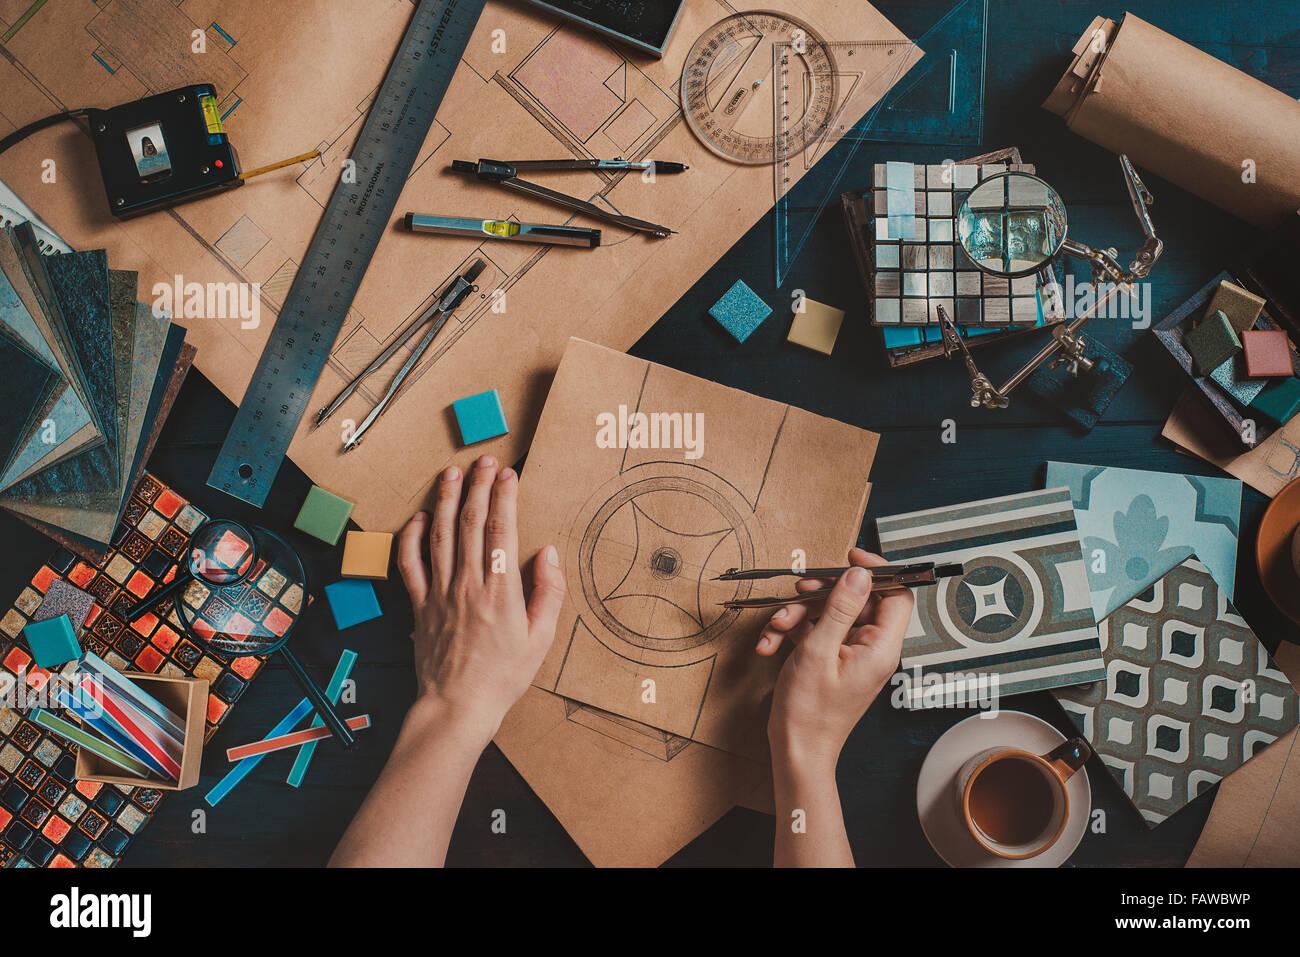 Diseñador de trabajo con herramientas creativas y dibujos Imagen De Stock